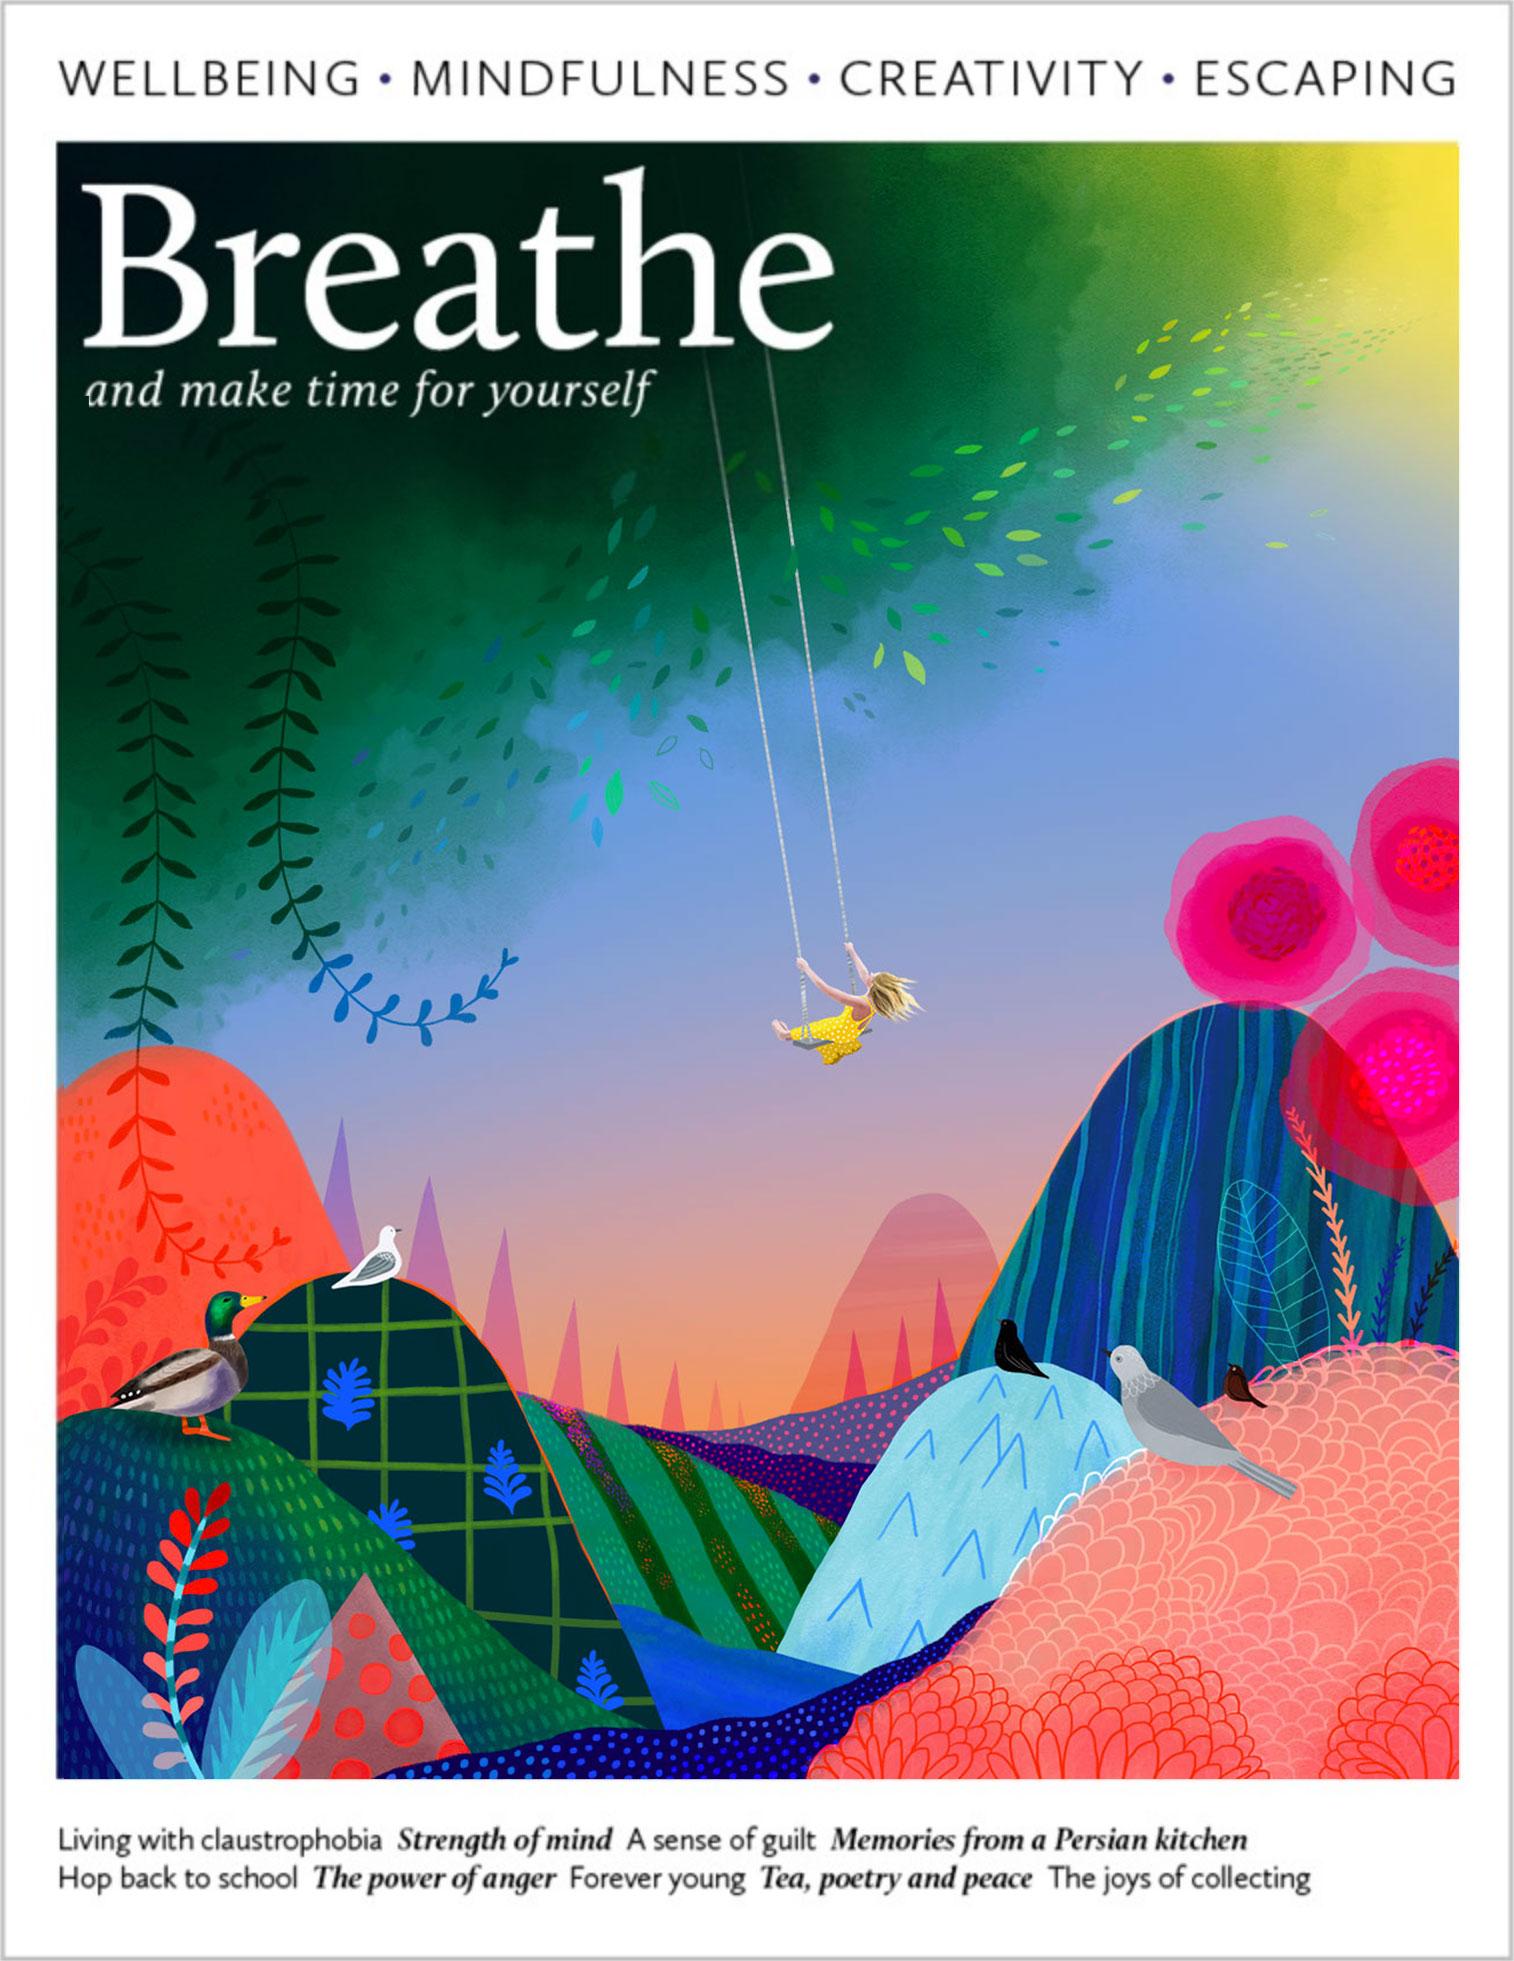 Loveblood - Mia Underwood - Breathemagazine-issue12.jpg